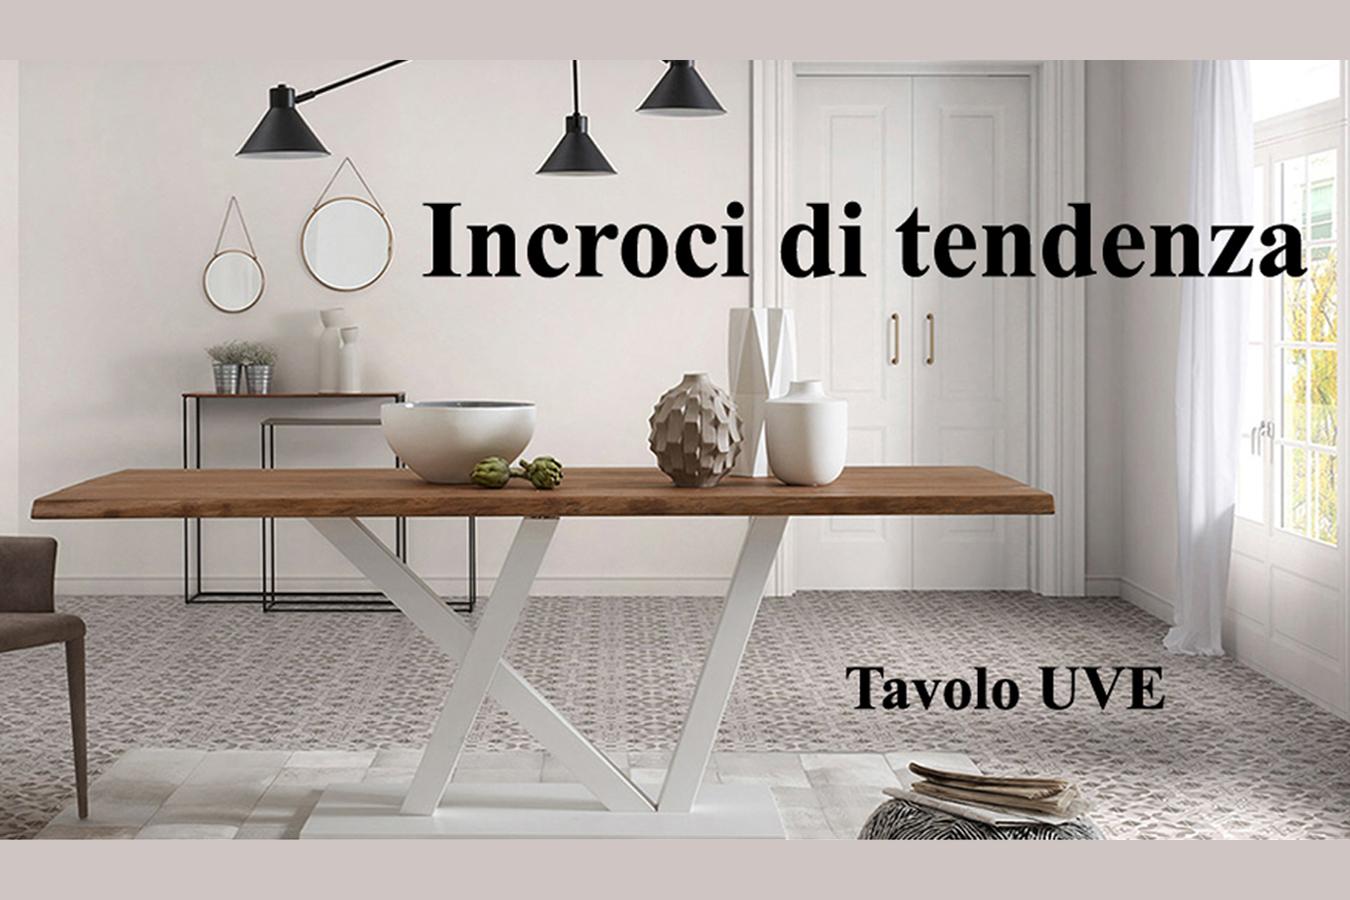 Forma-tavolo-Uve-moderno-design-rettangolare-metallo-legno-vetro-cucina-pranzo-soggiorno-arredamento-interni-mobili-righetti-novara